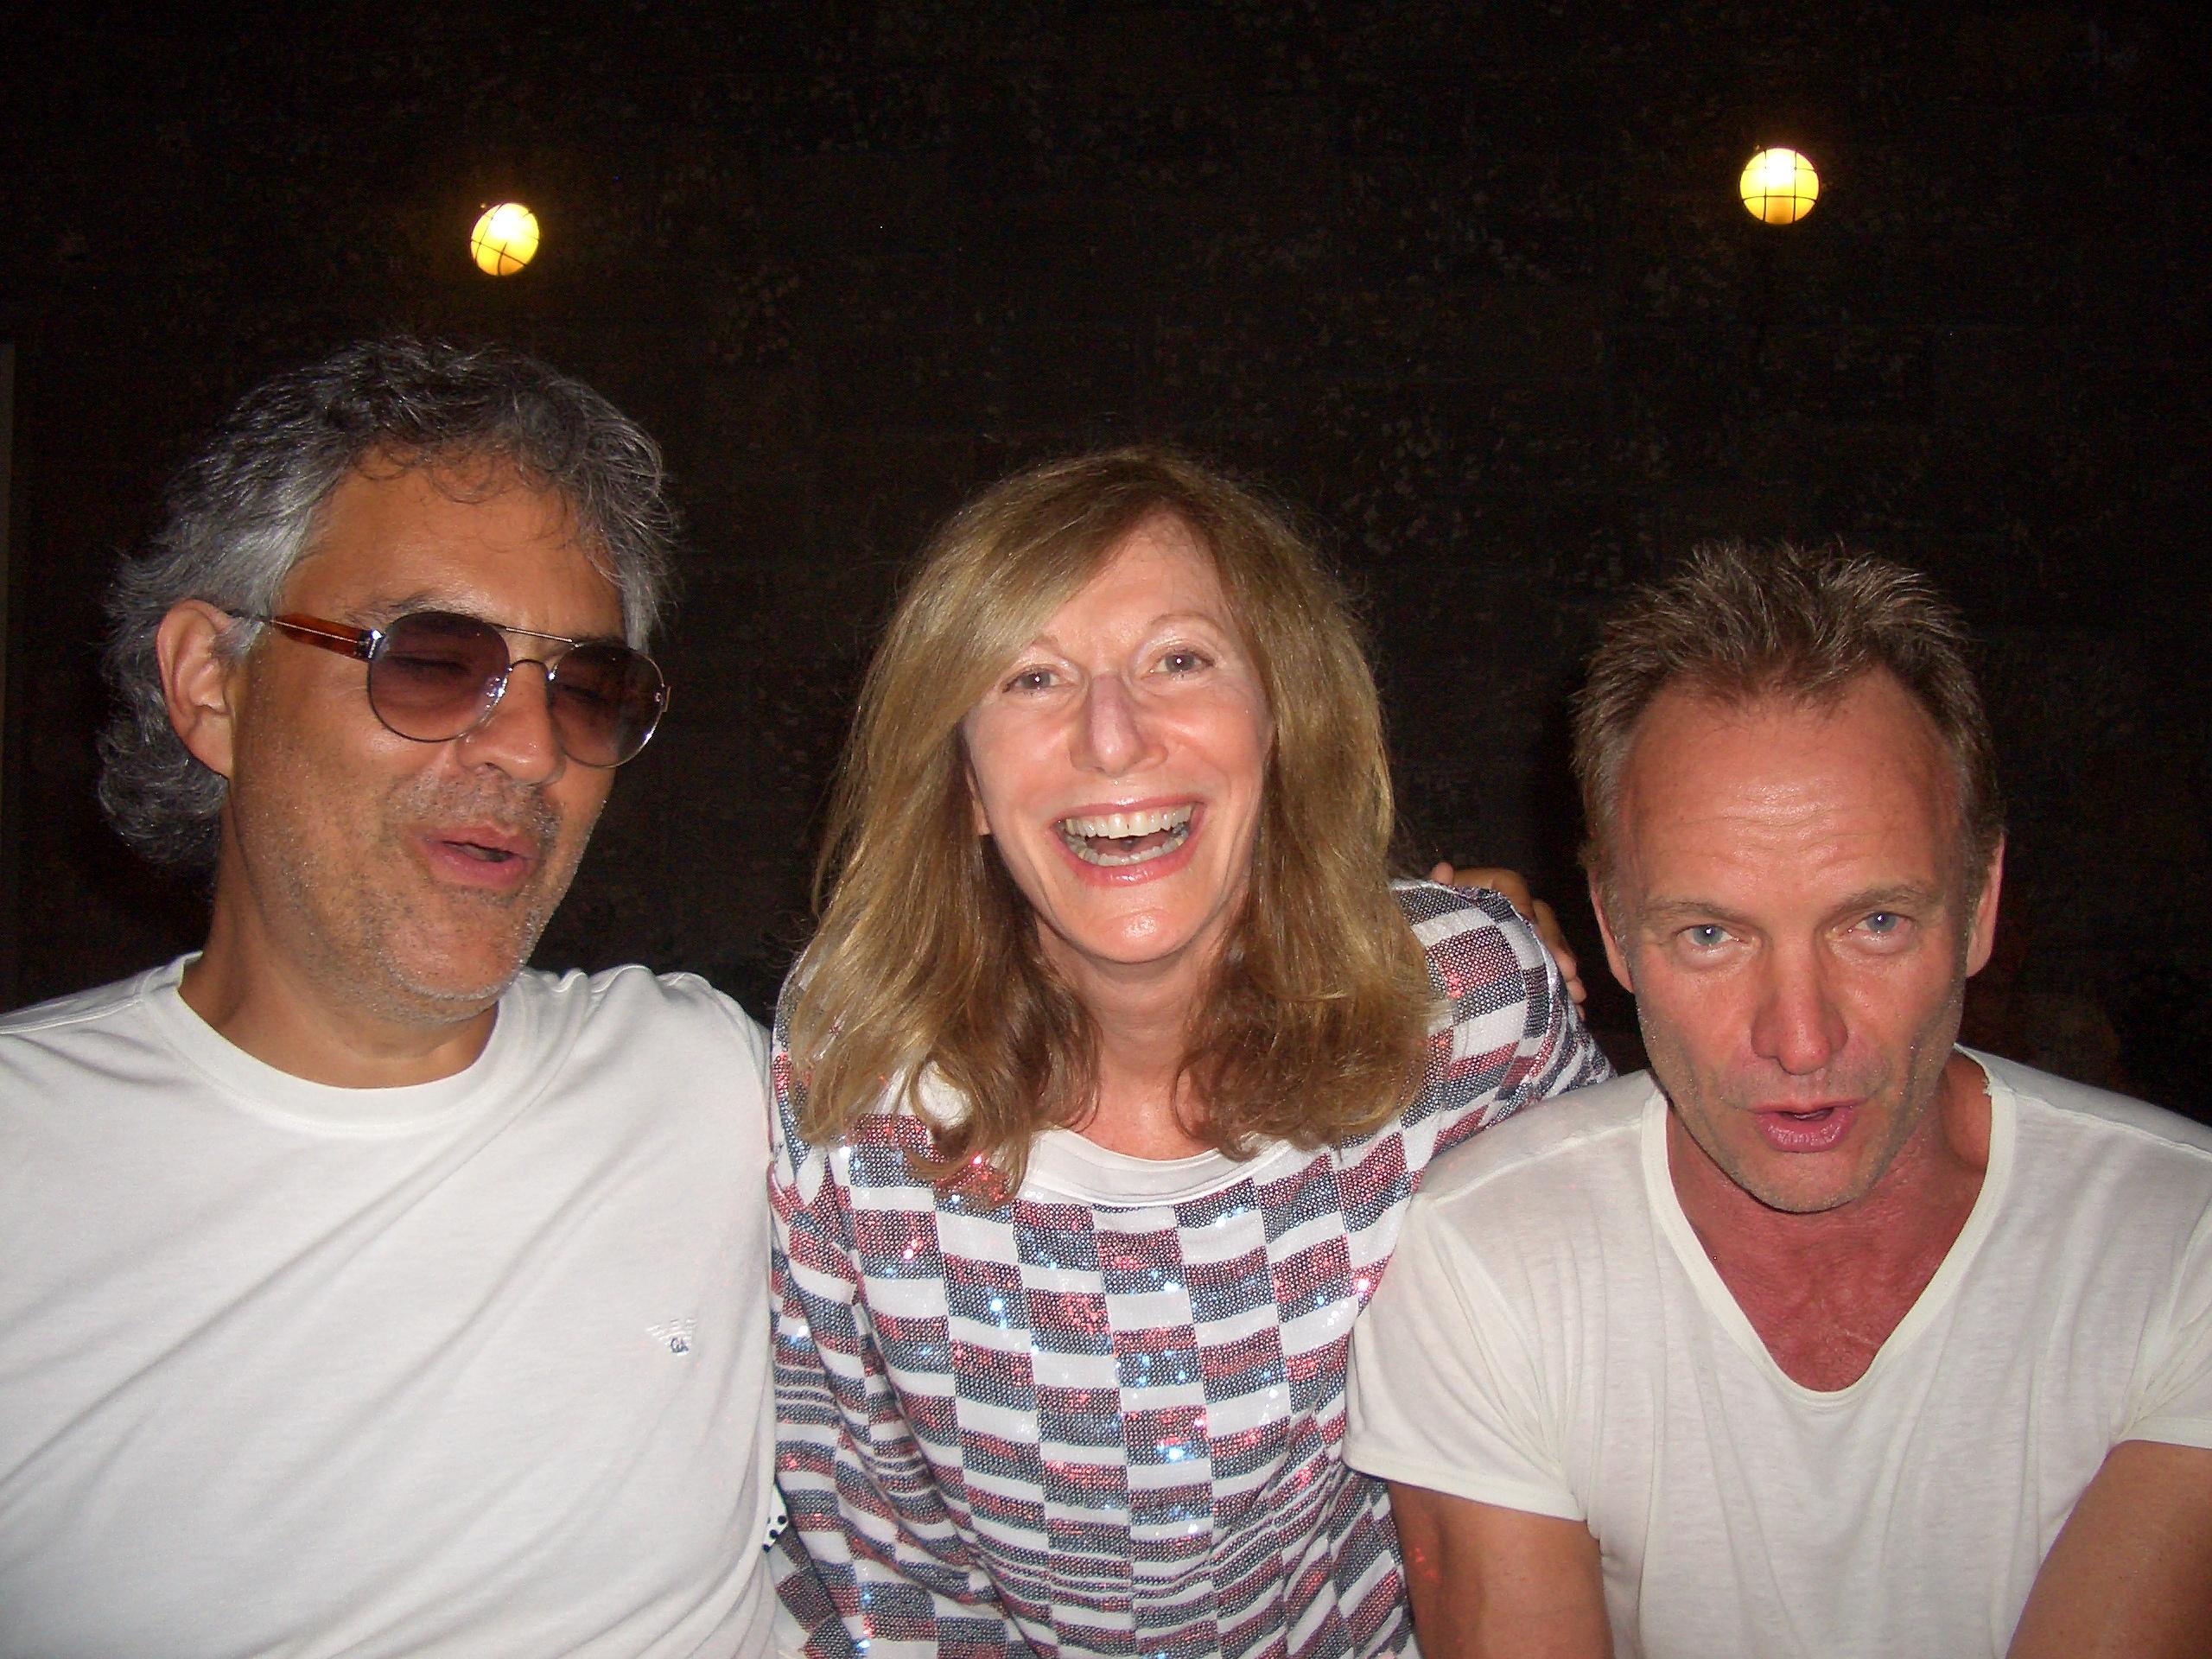 Andrea Bocelli & Sting